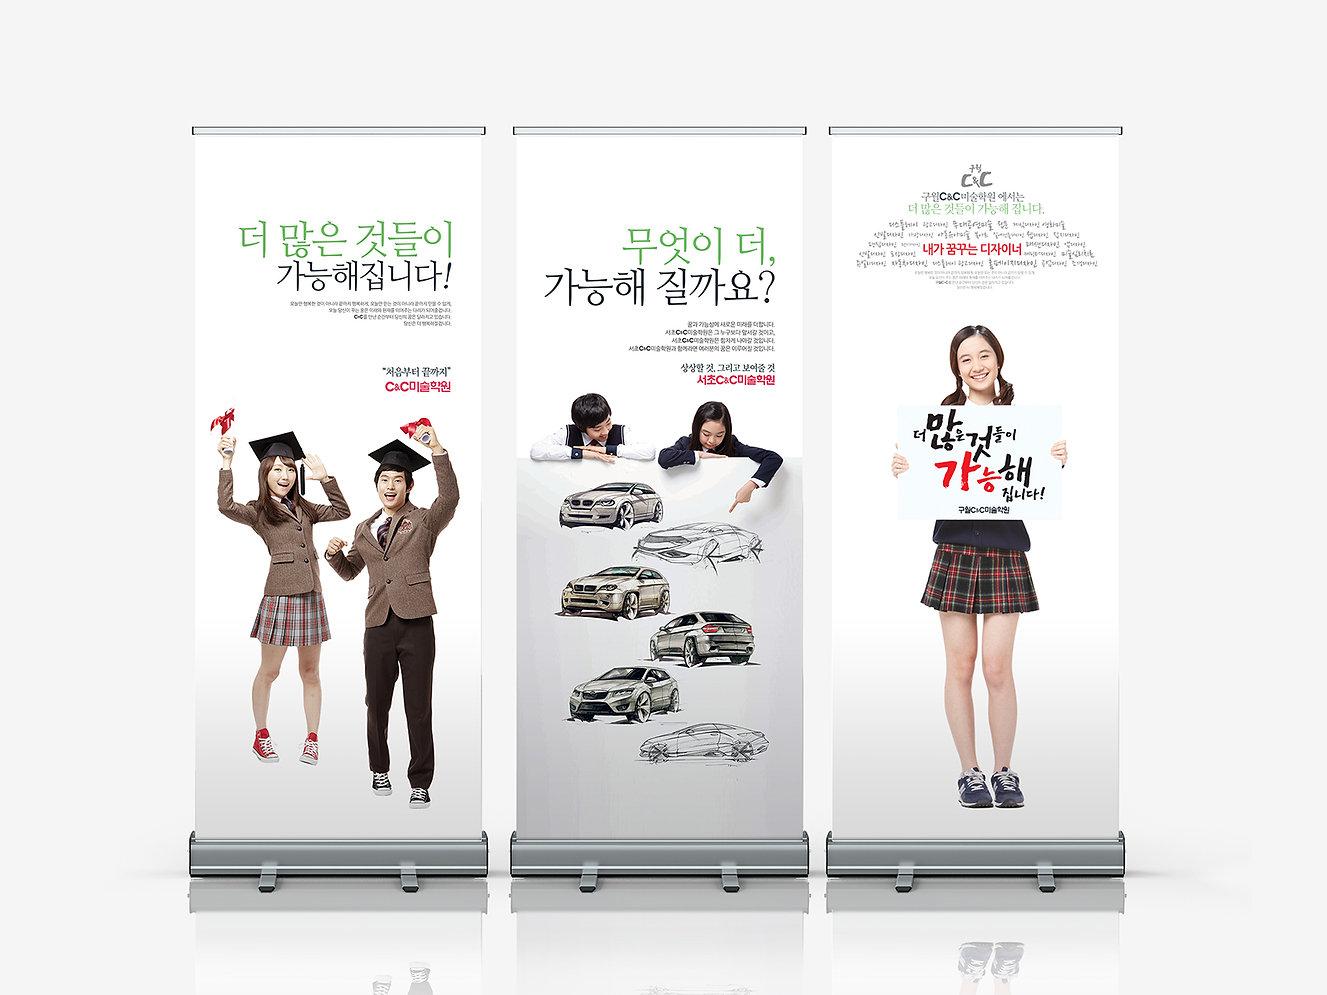 C&C ART INSTITUTE-Banner Design